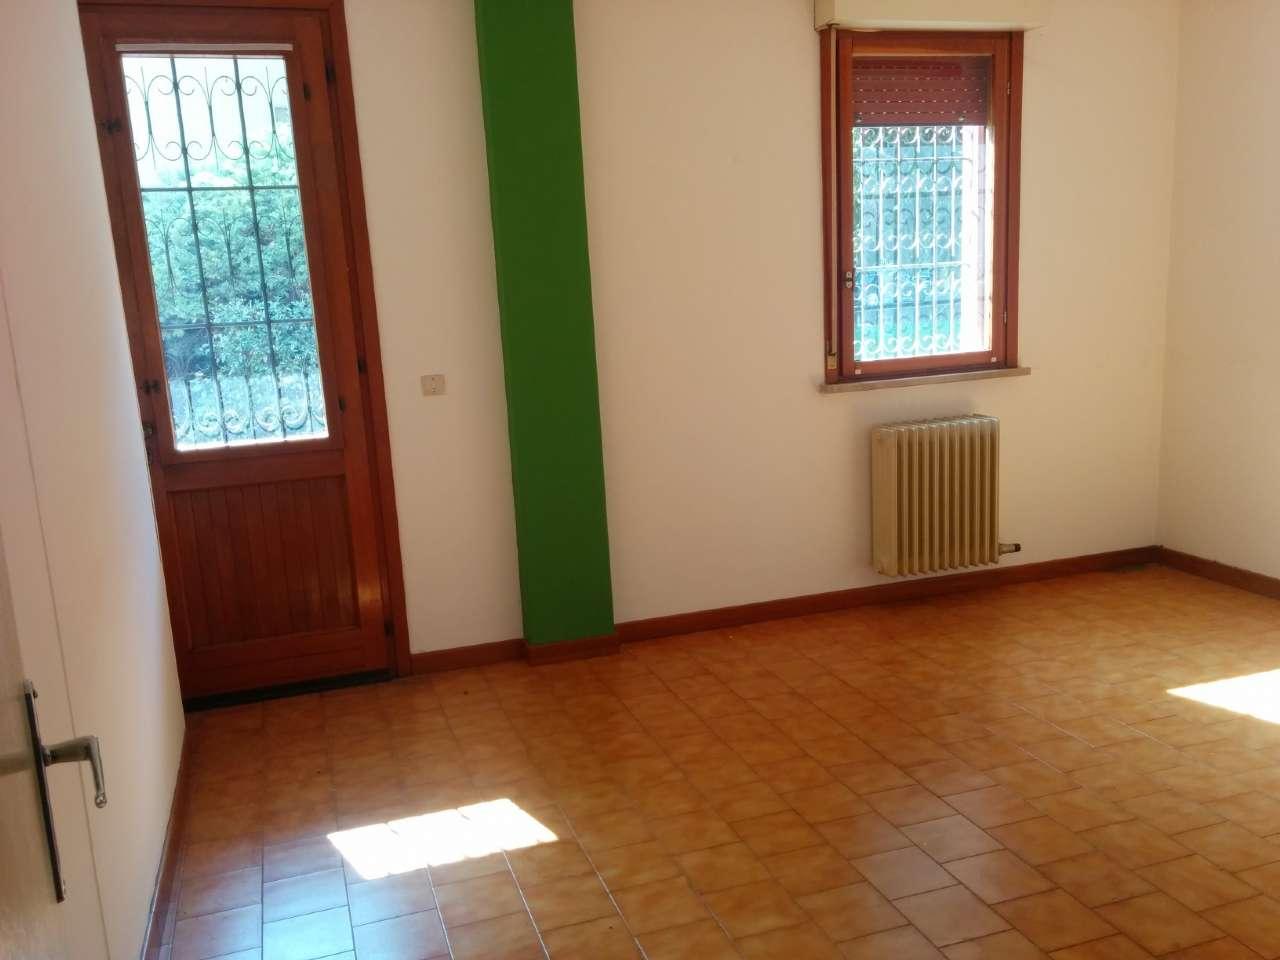 Ufficio / Studio in vendita a Conegliano, 9999 locali, zona Zona: Parè, prezzo € 58.000 | Cambio Casa.it